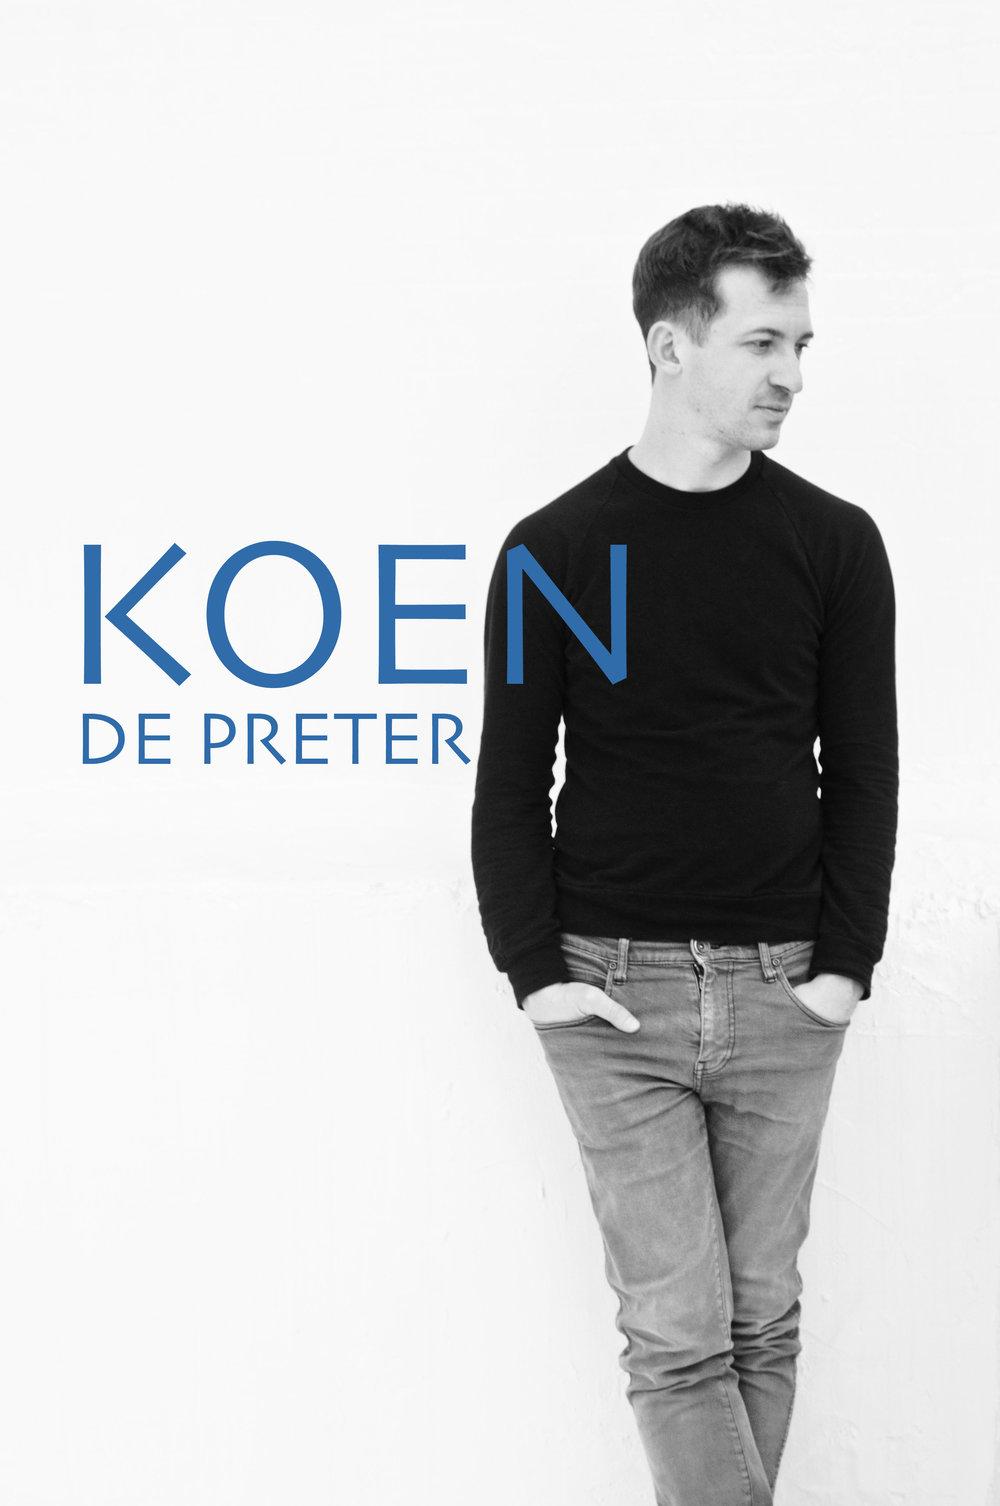 Koen - Choreographer